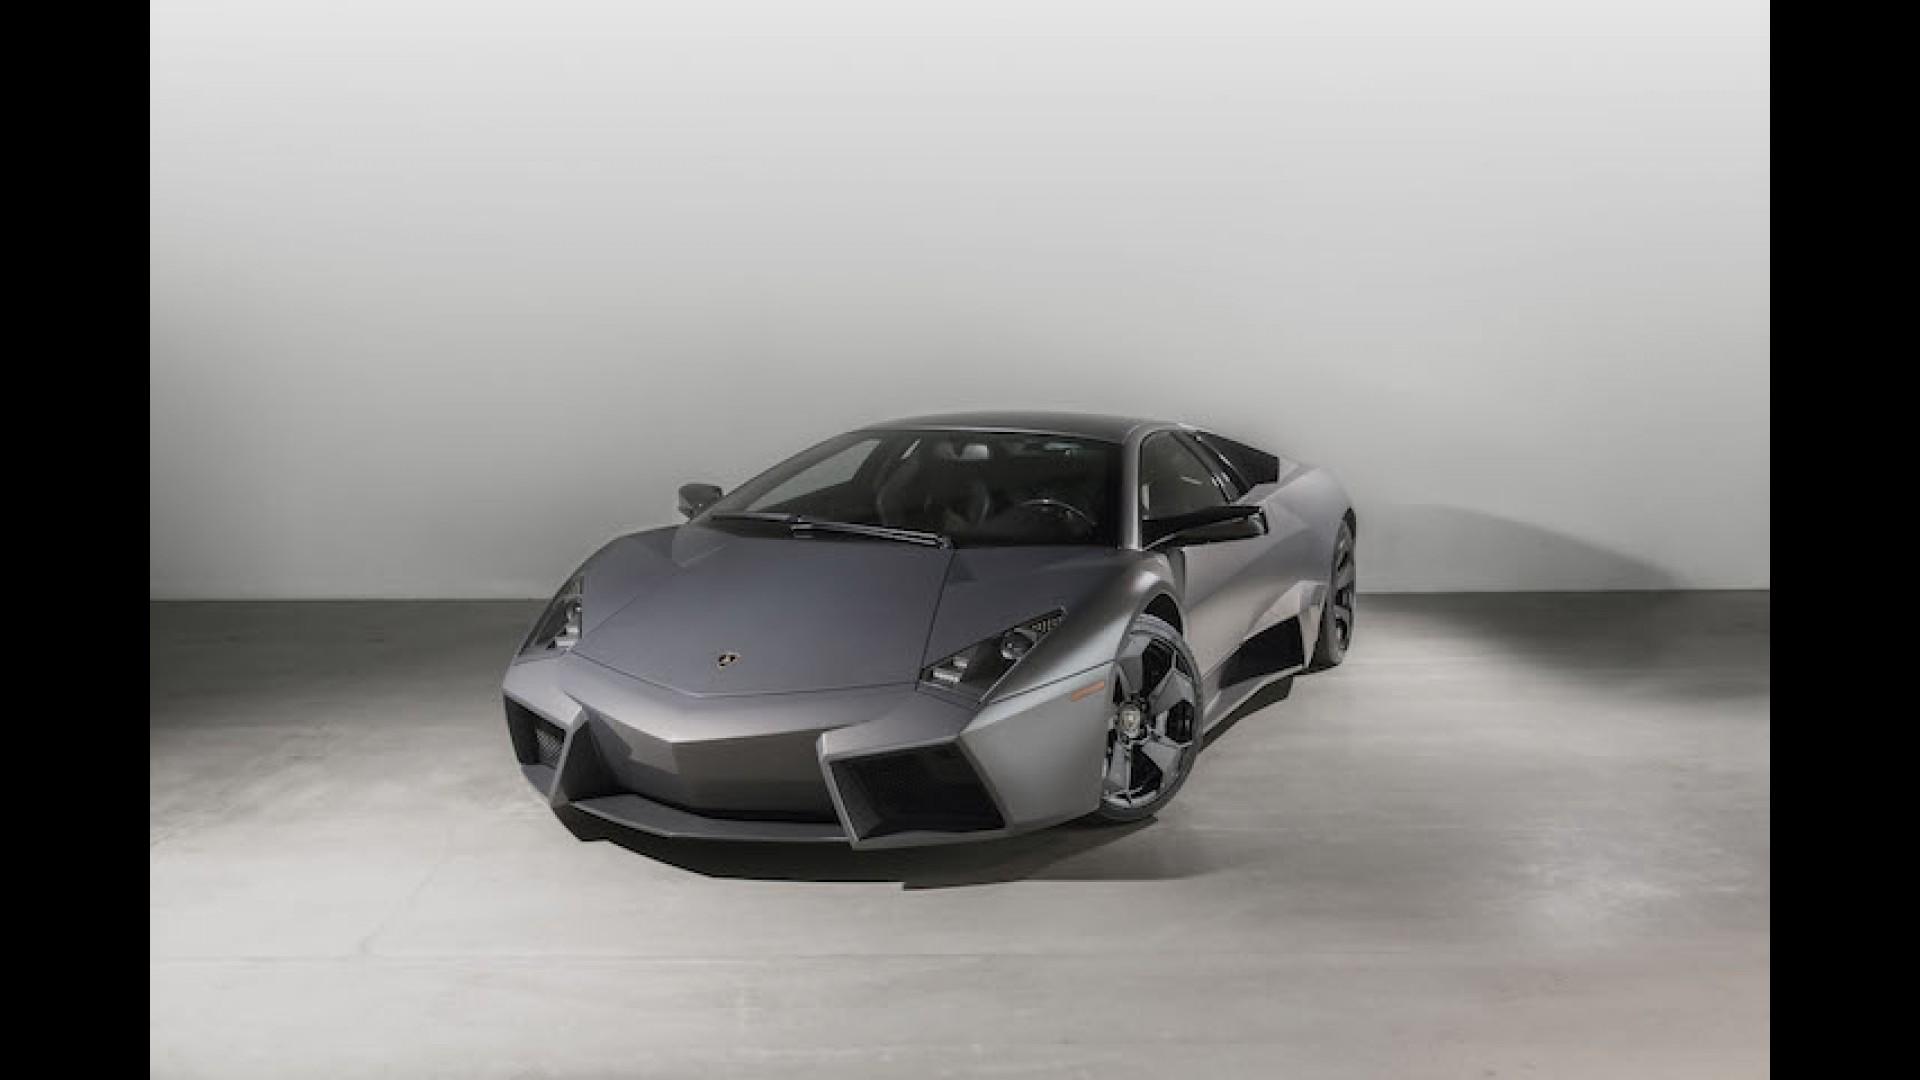 Million Lamborghini Aventador on 2 lamborghini gallardo, 2 lamborghini miura, 2 lamborghini countach,